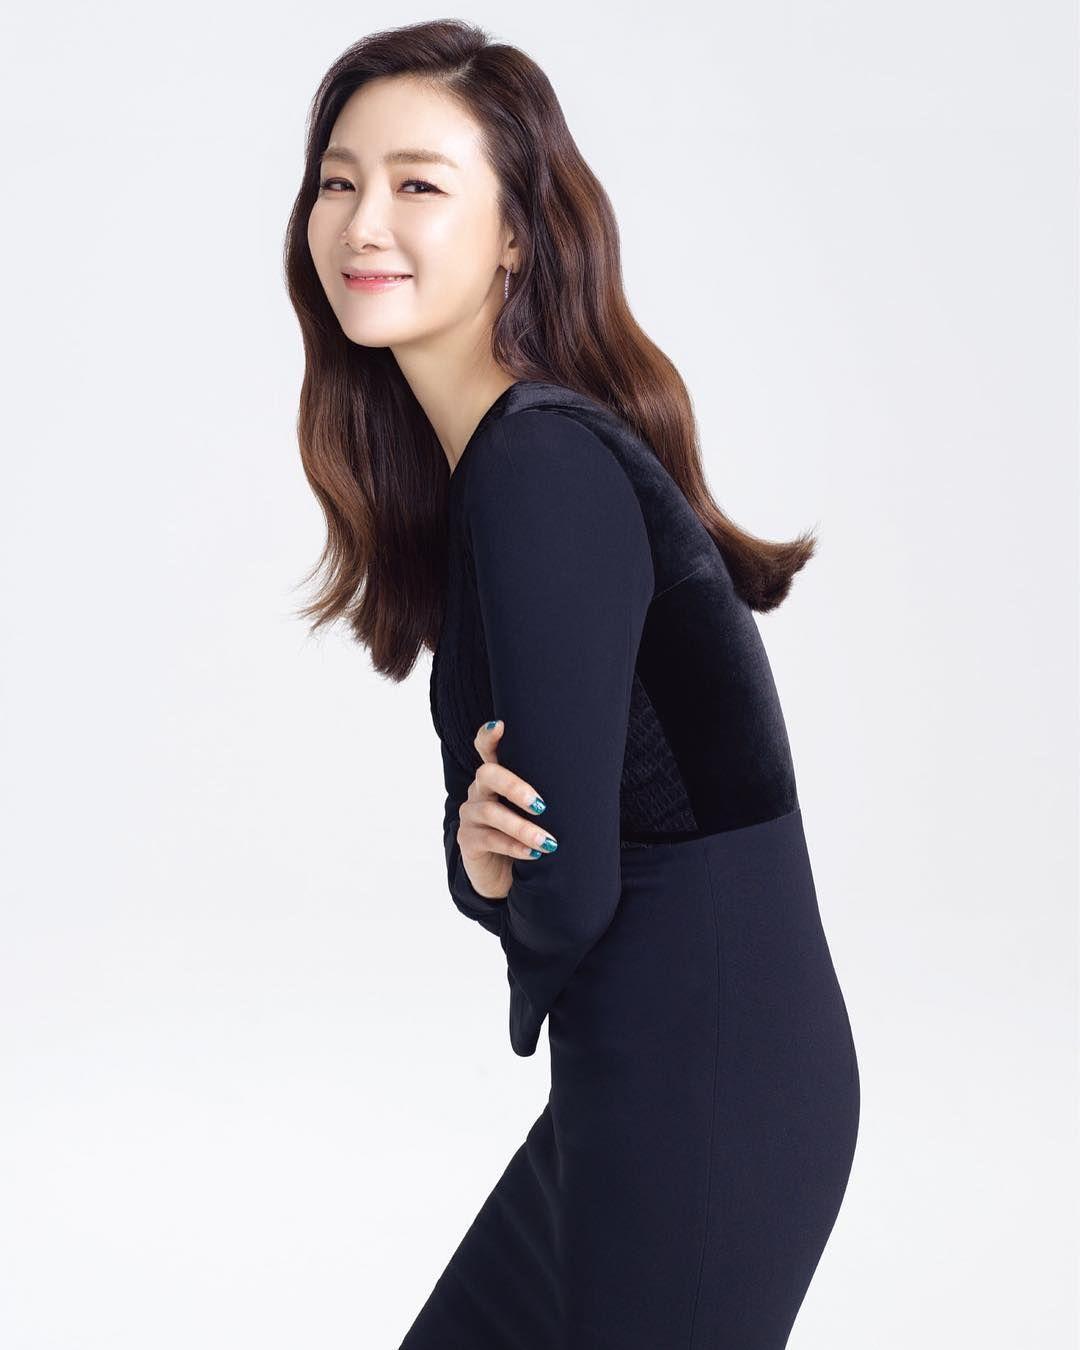 Choi Ji Woo berbagi tips kecantikannya